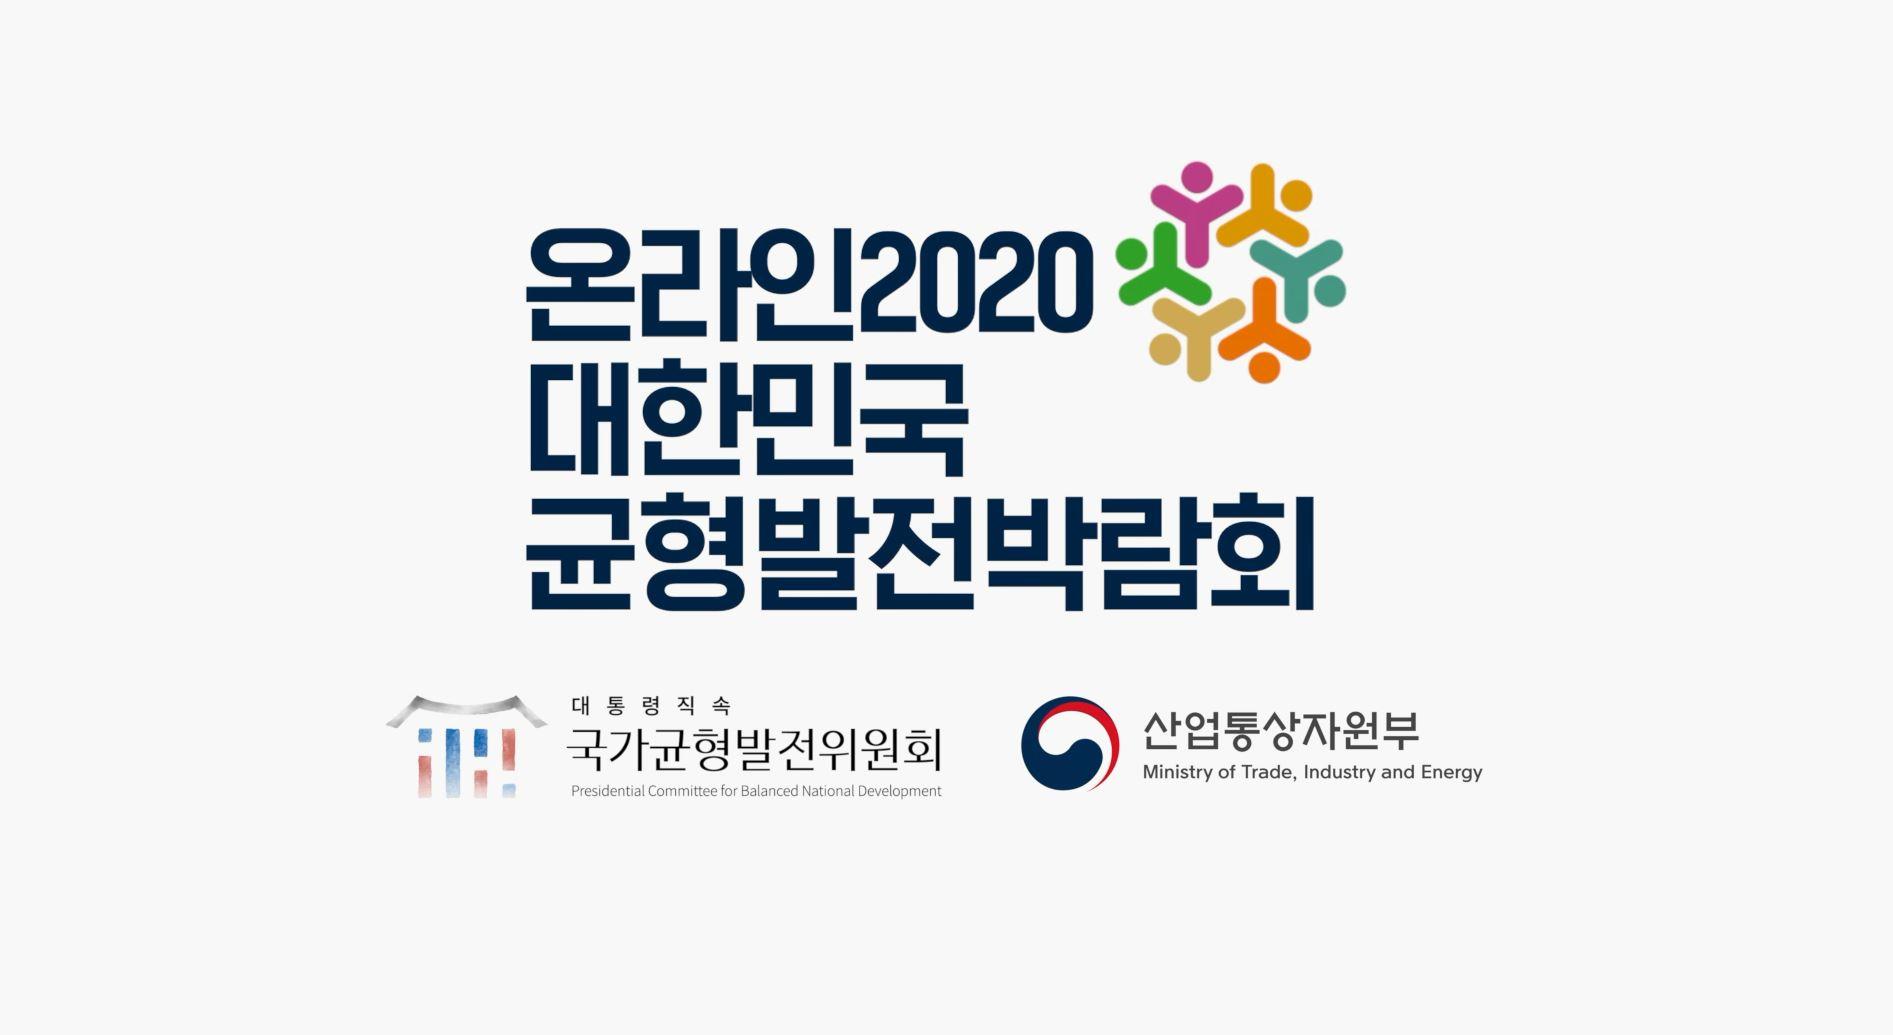 2020 대한민국 균형발전박람회 공식 홍보영상